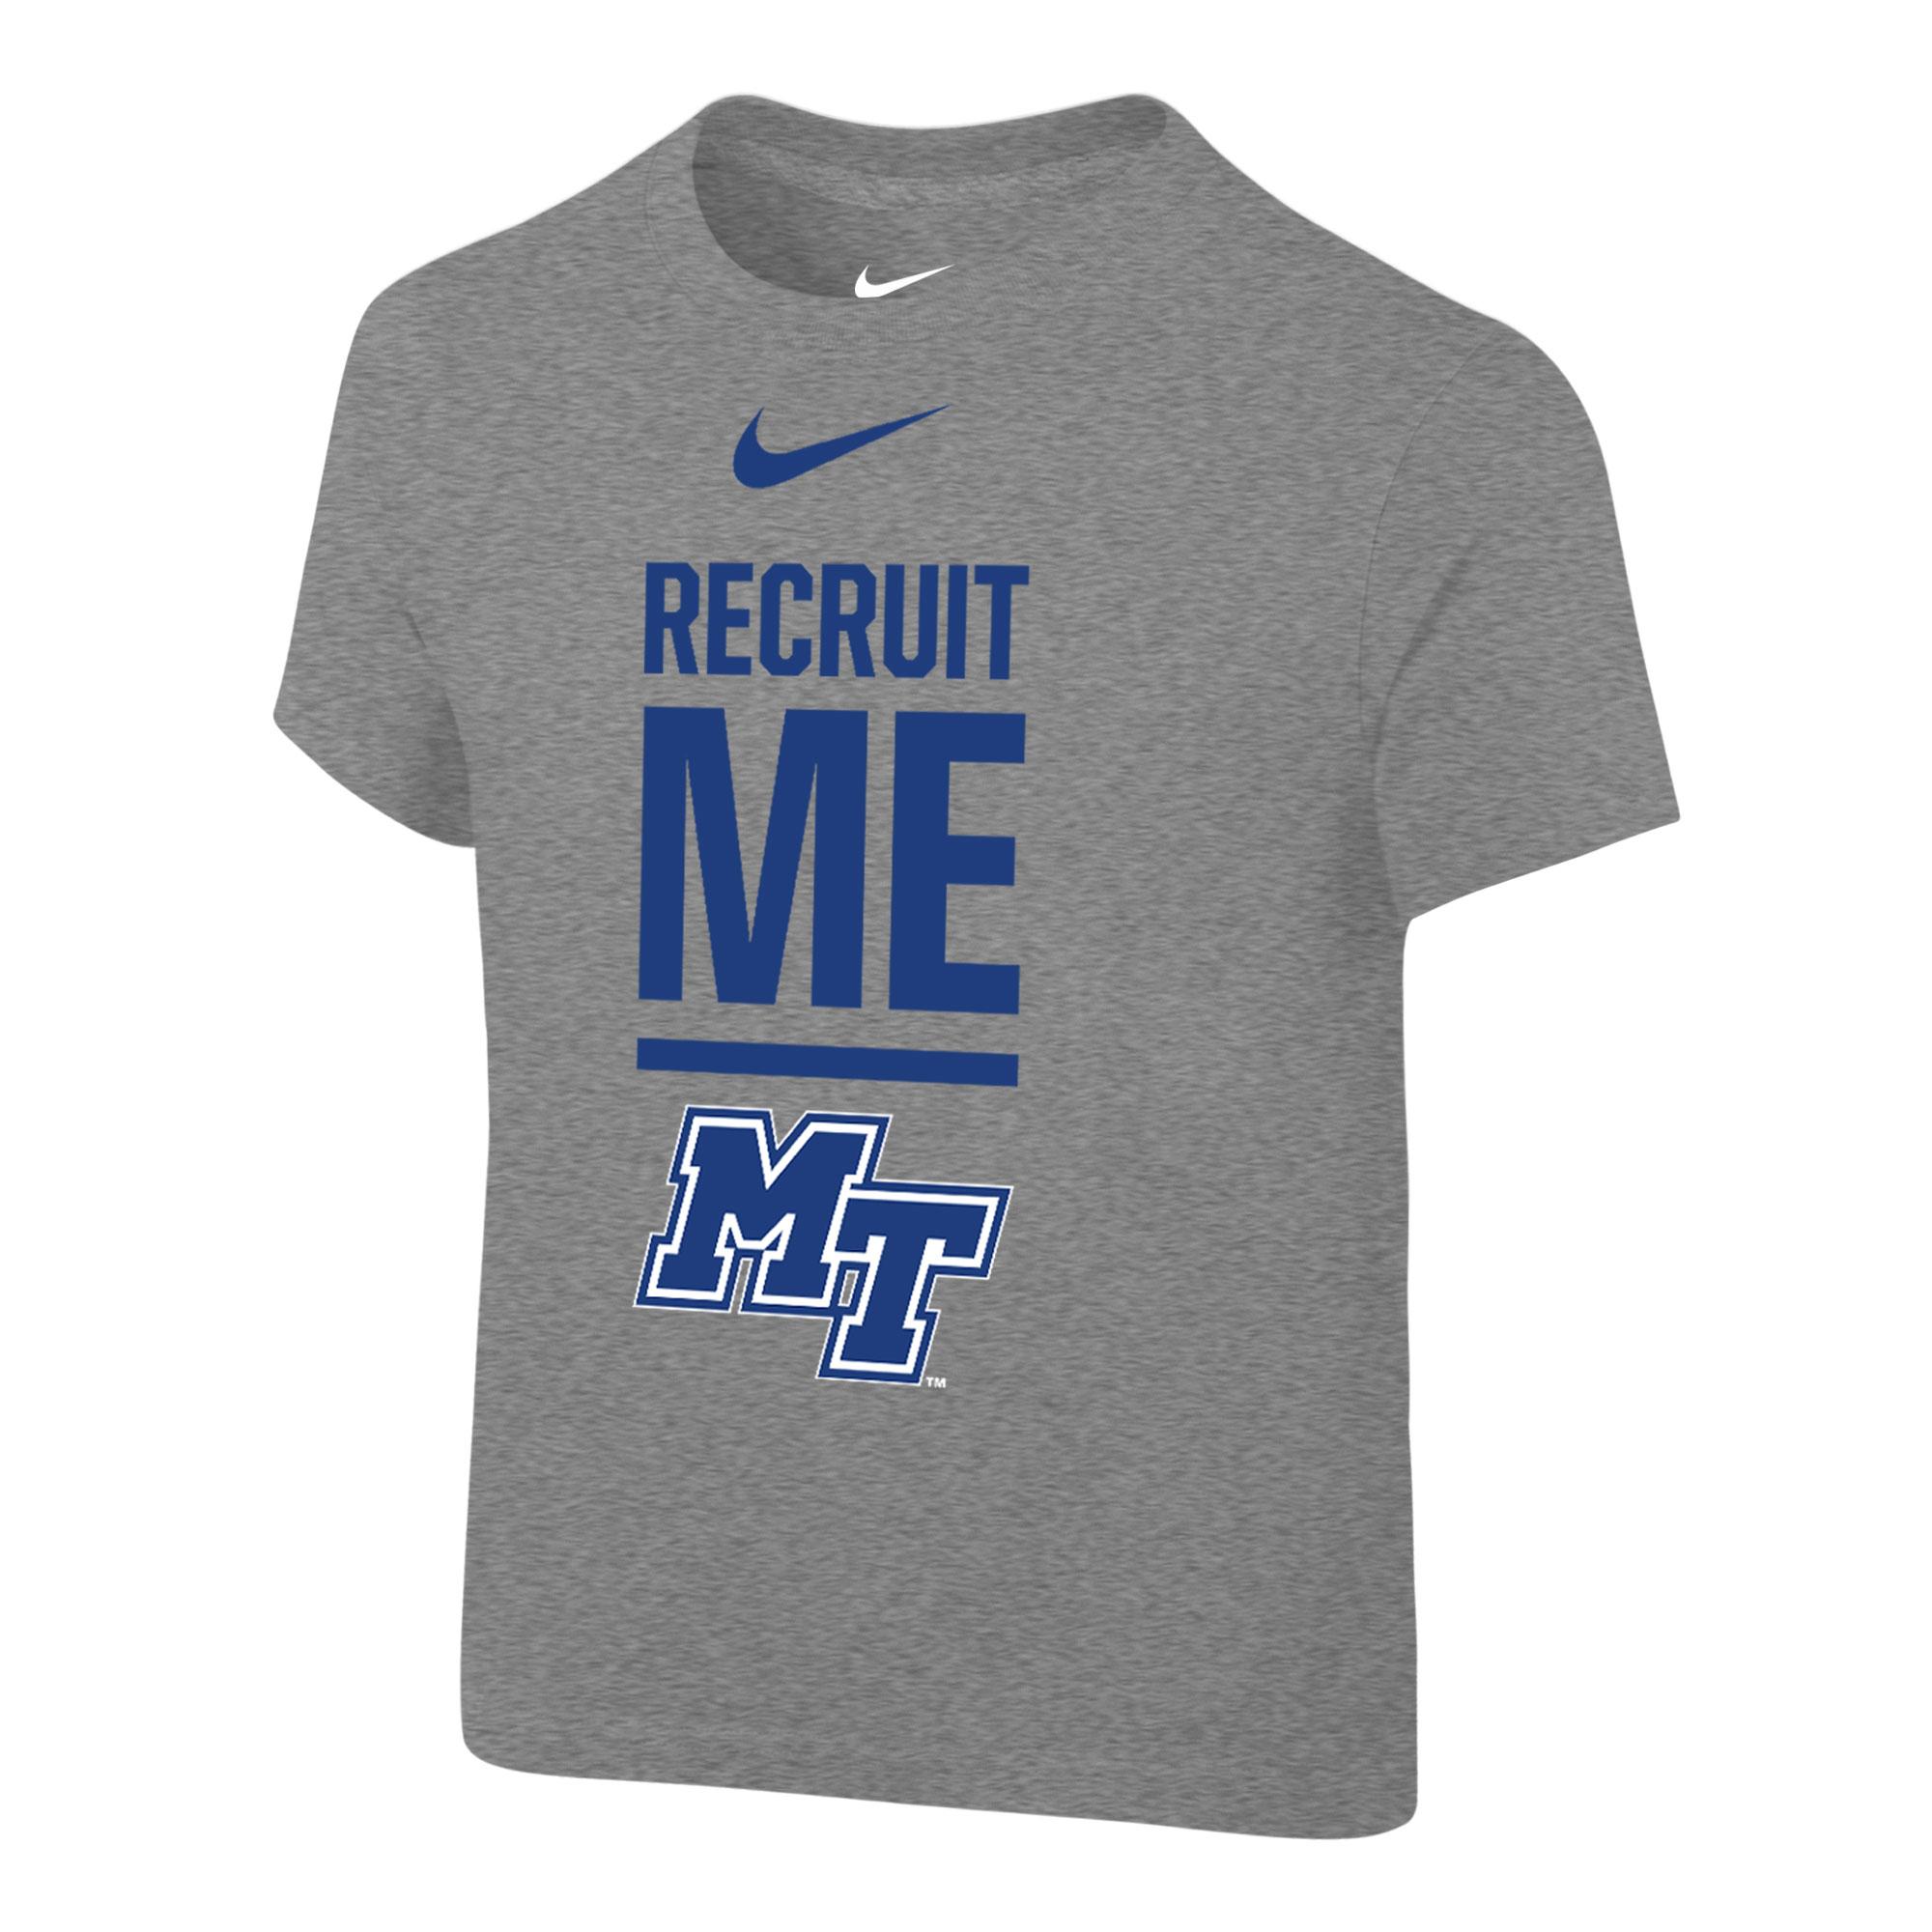 Recruit Me MT Logo Toddler Tshirt